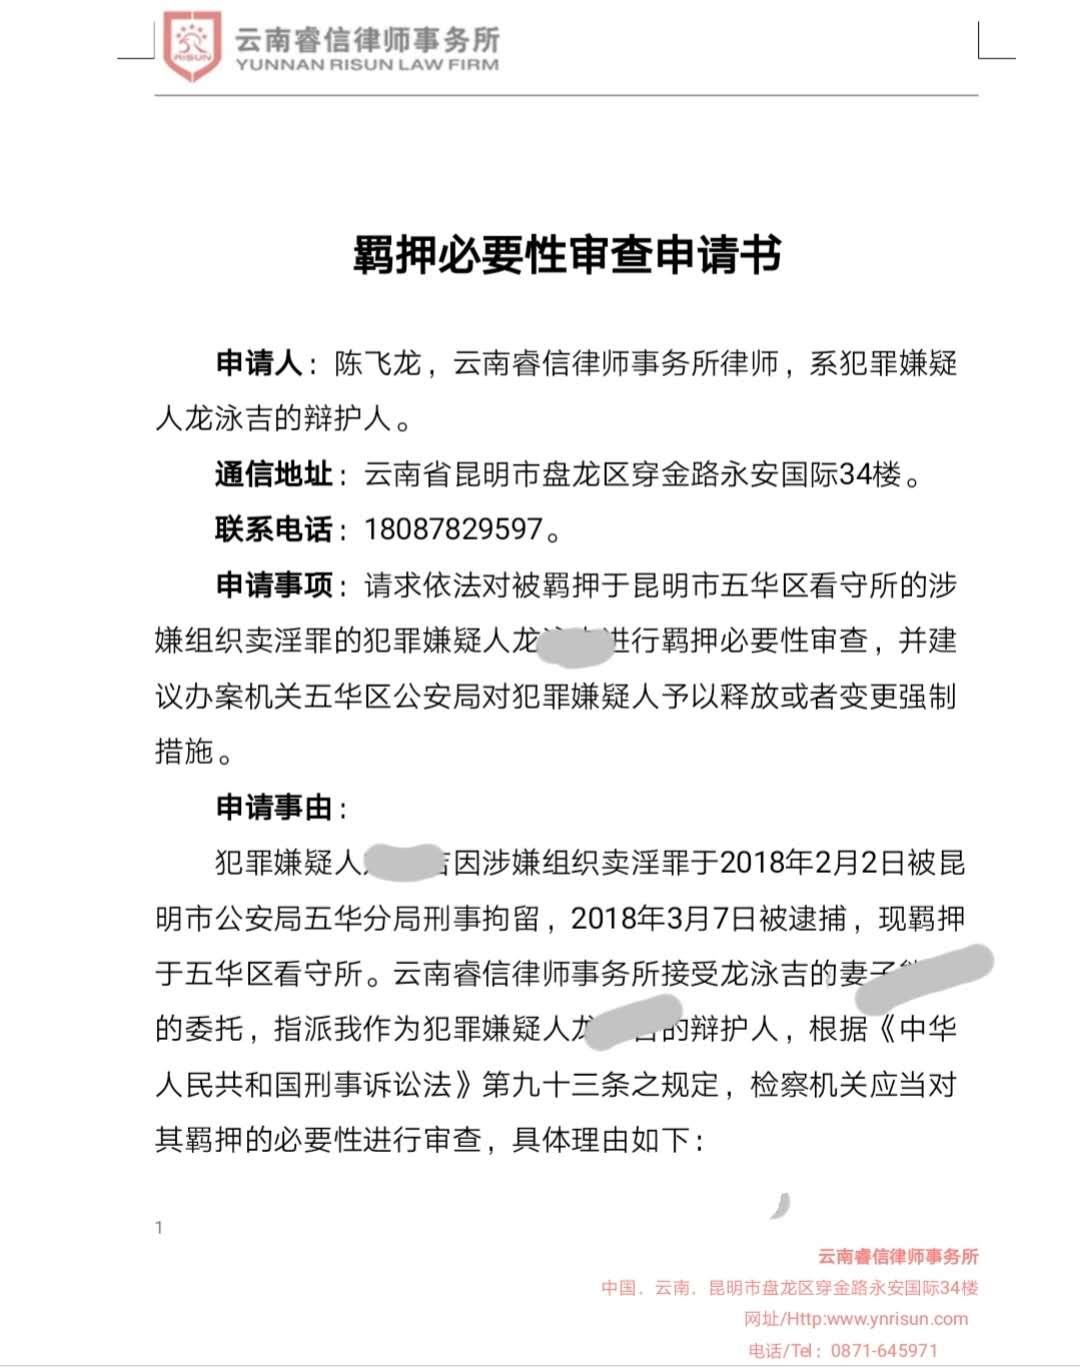 陈飞龙律师通过羁押必要性审查程序成功为一涉嫌组织卖淫罪的组织者办理取保候审